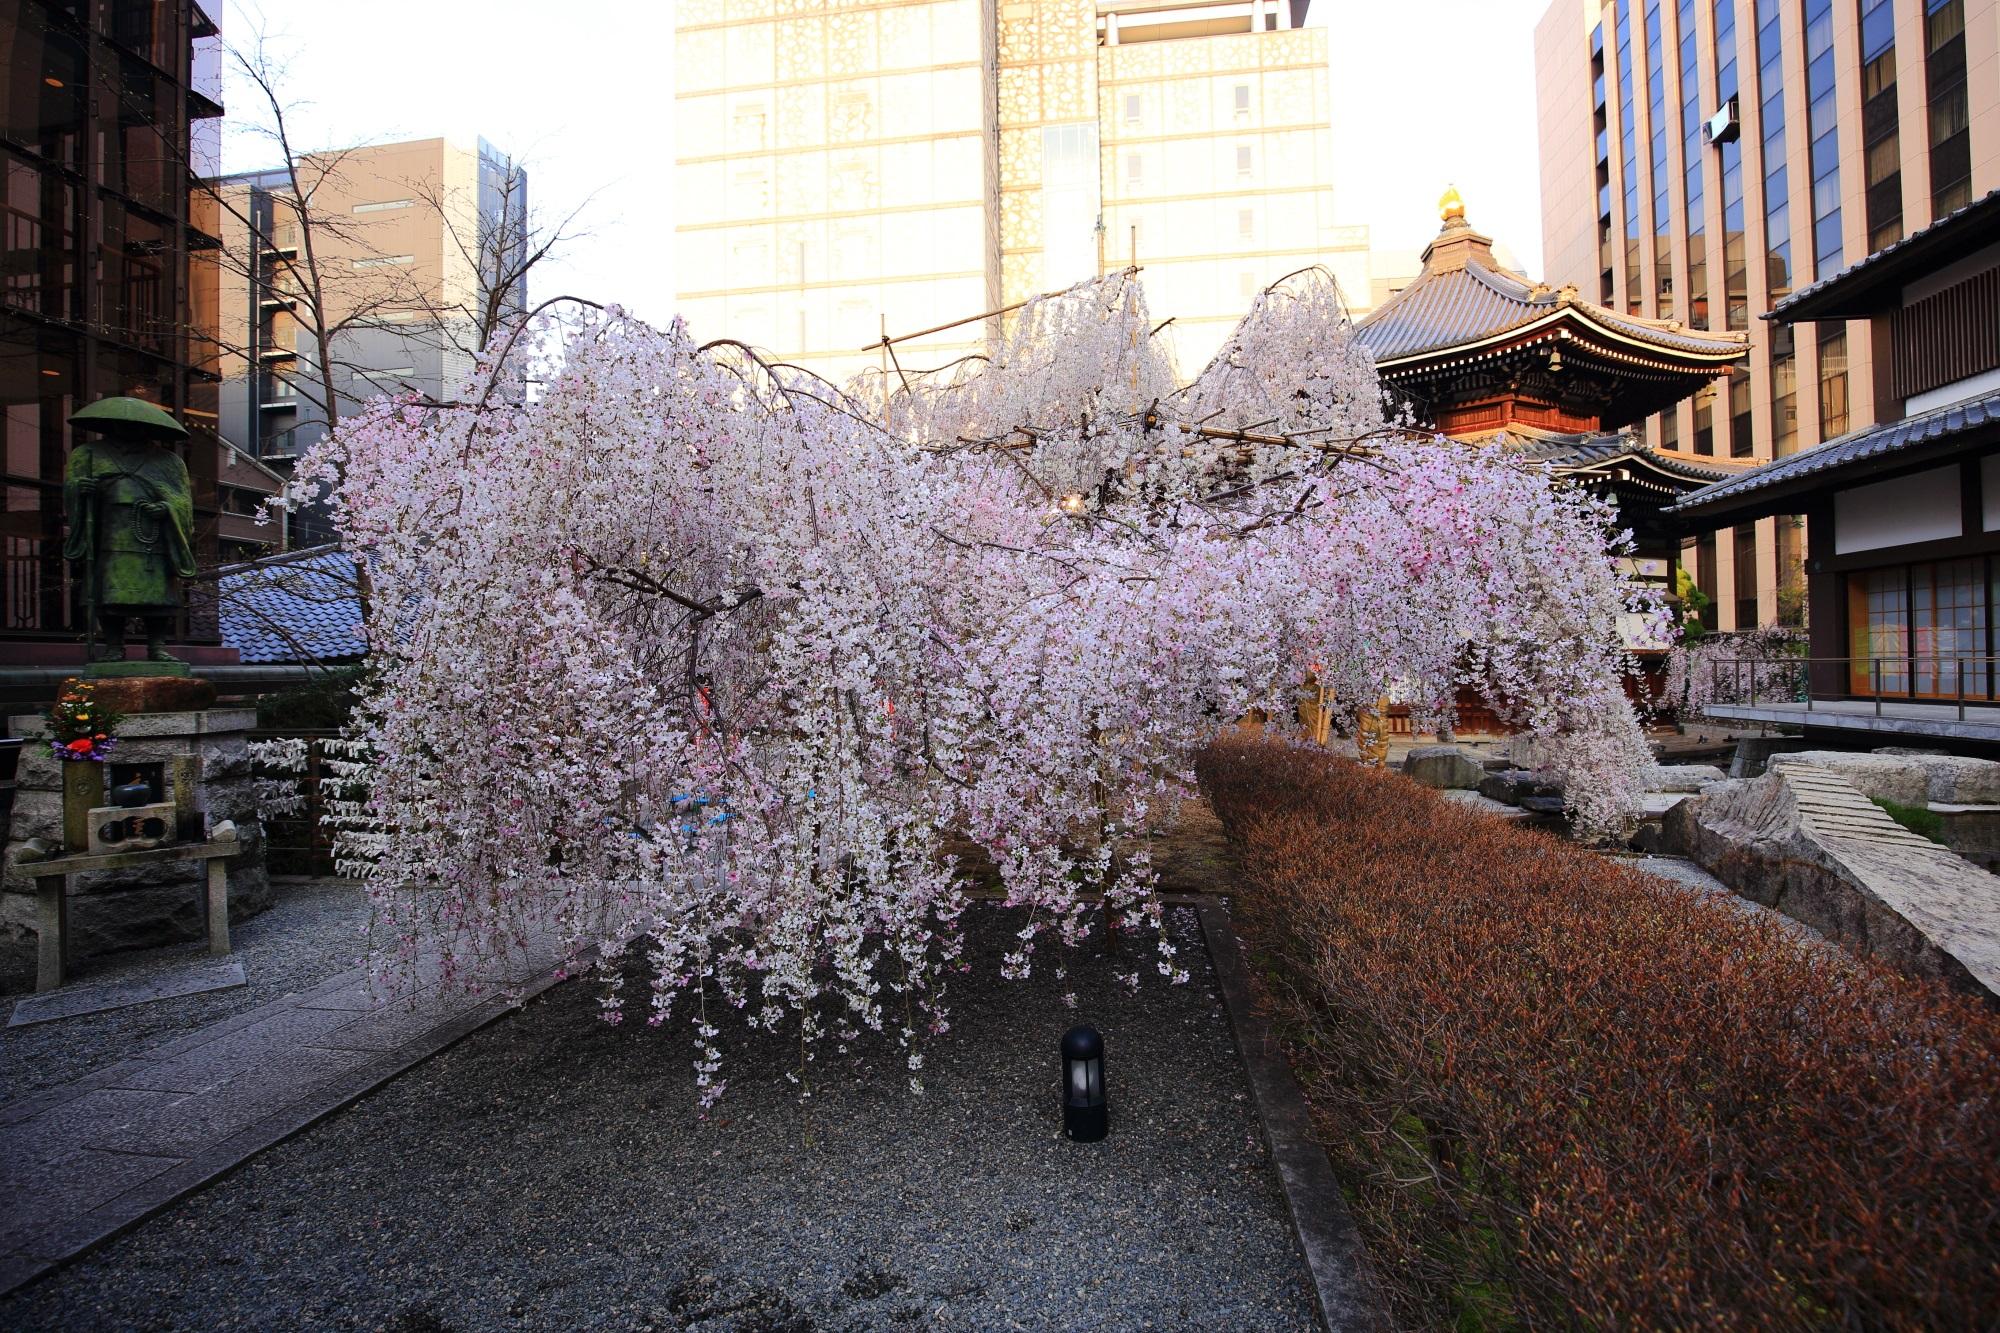 桜の名所の六角堂の御幸桜(みゆき桜)と本堂